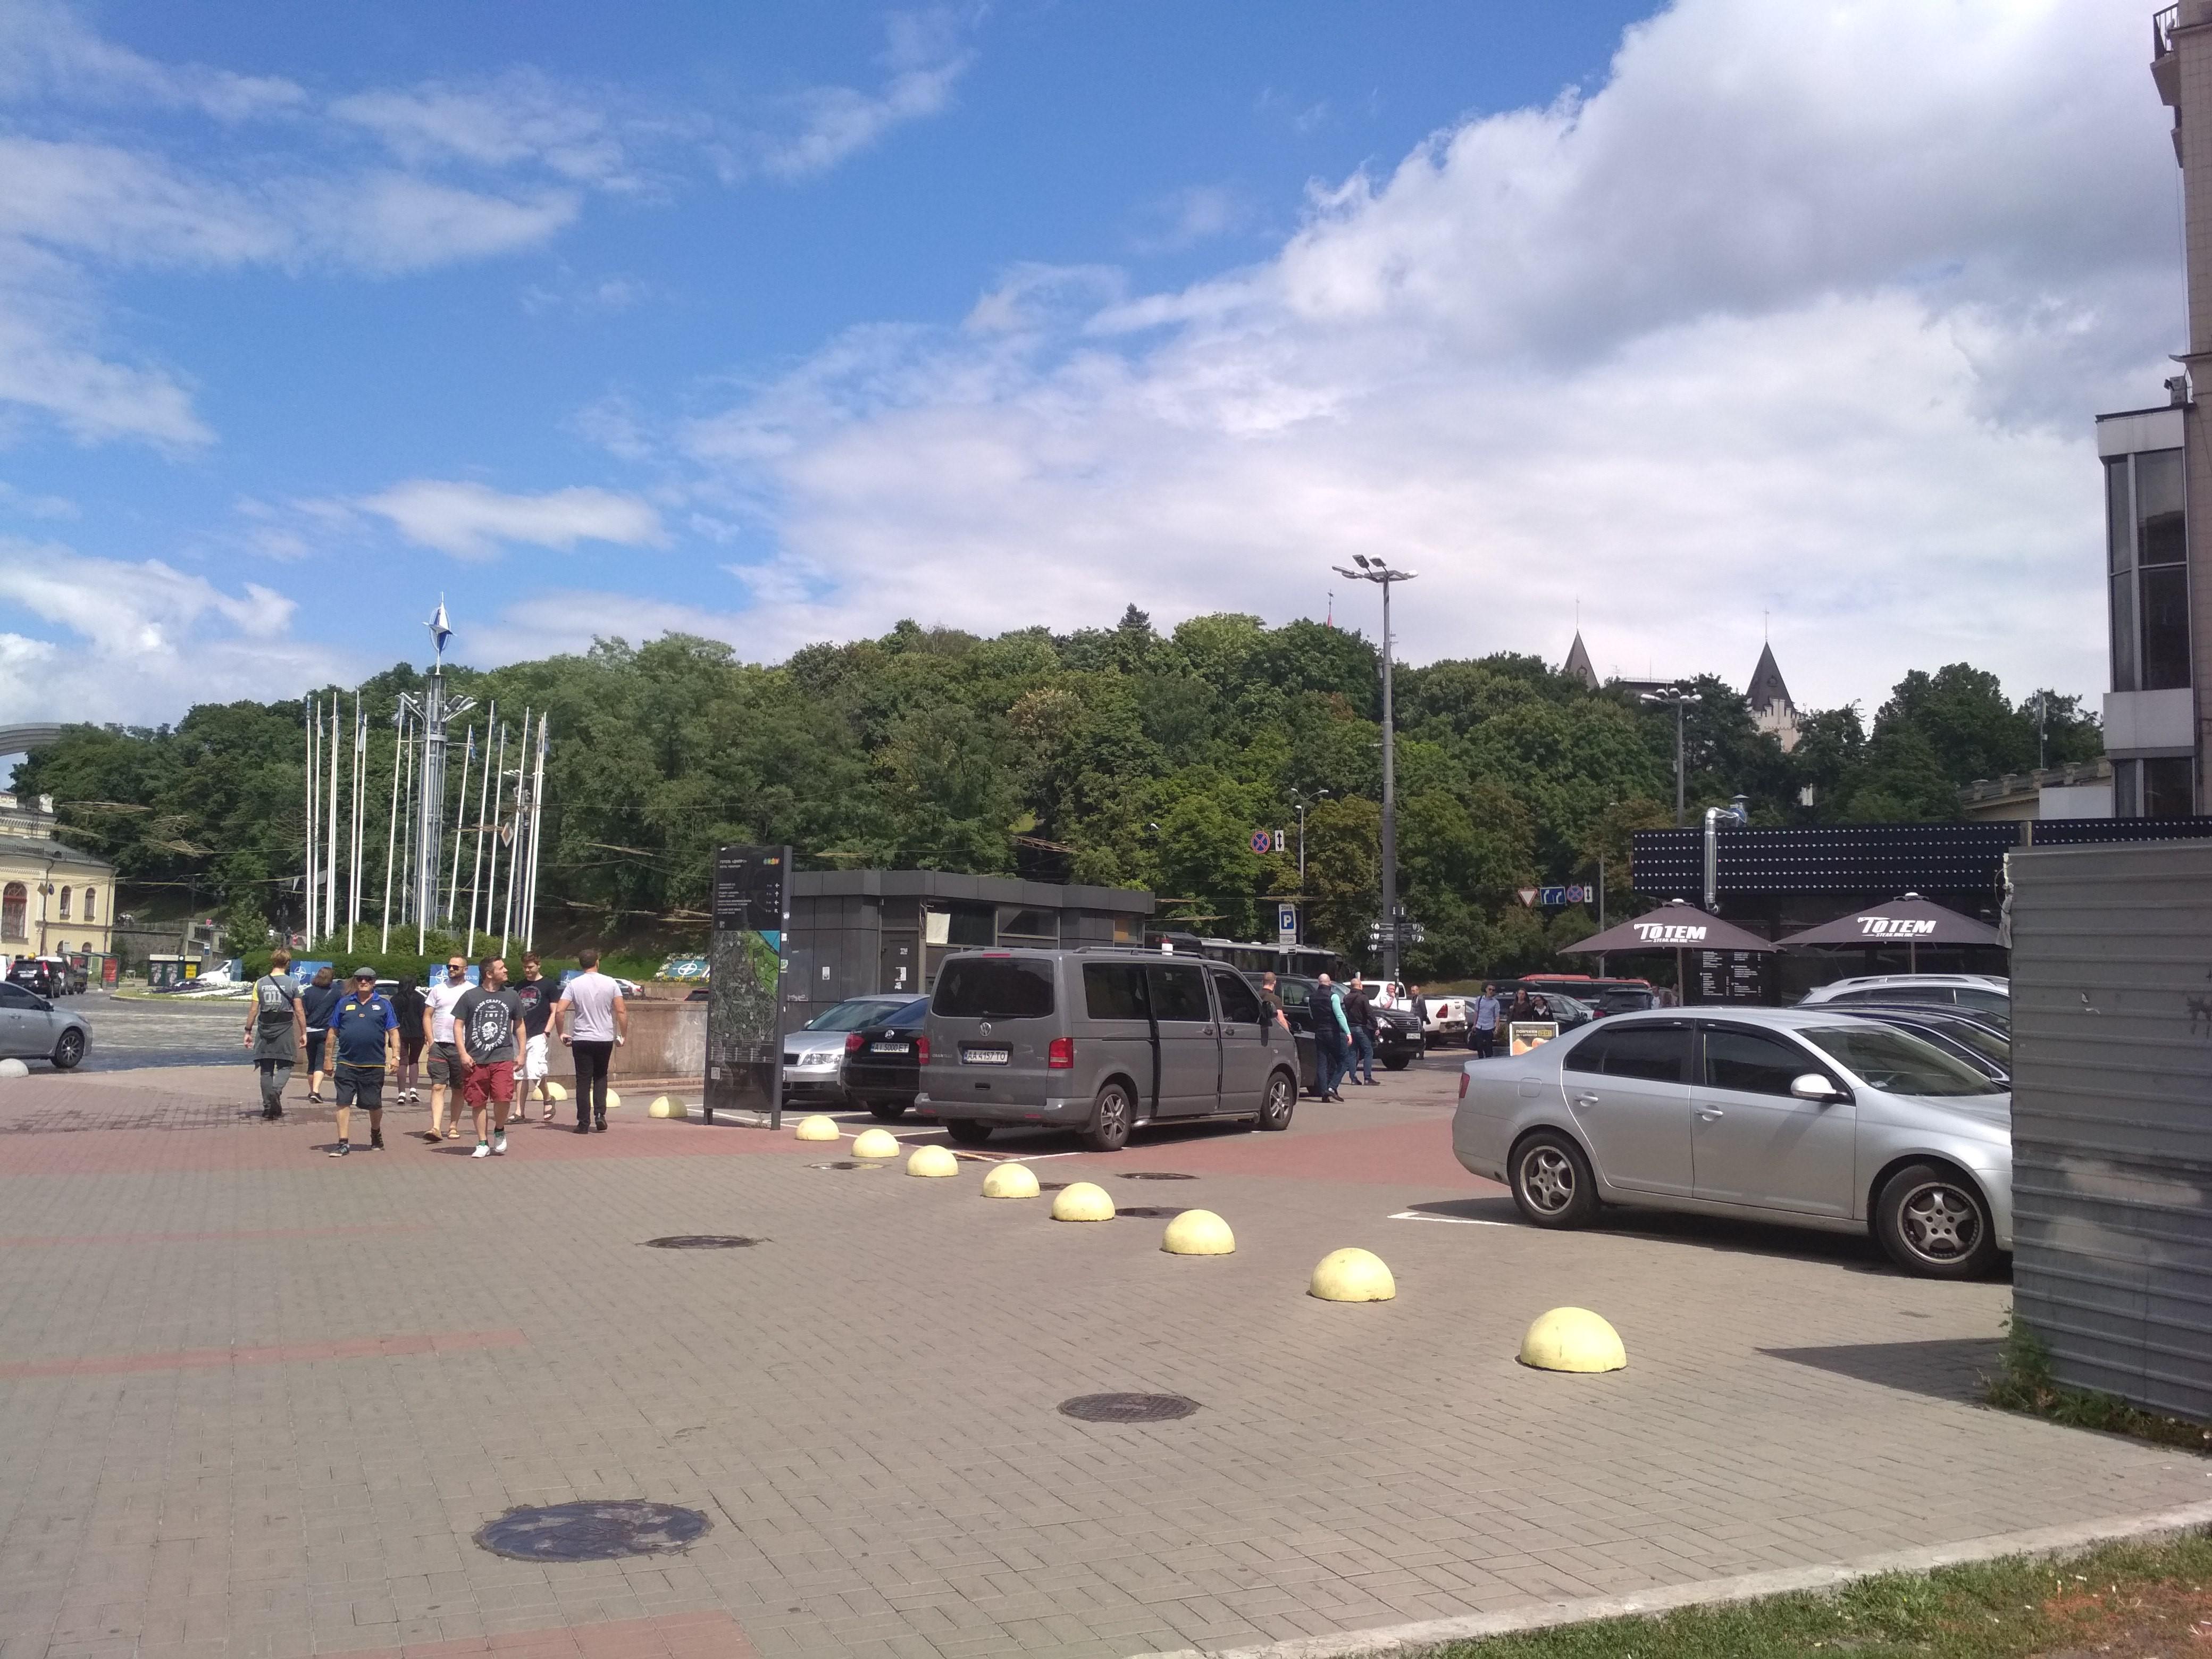 Сейчас людей отправляют в подземный переход, а тротуар перед отелем «Днепр» сдан под парковку